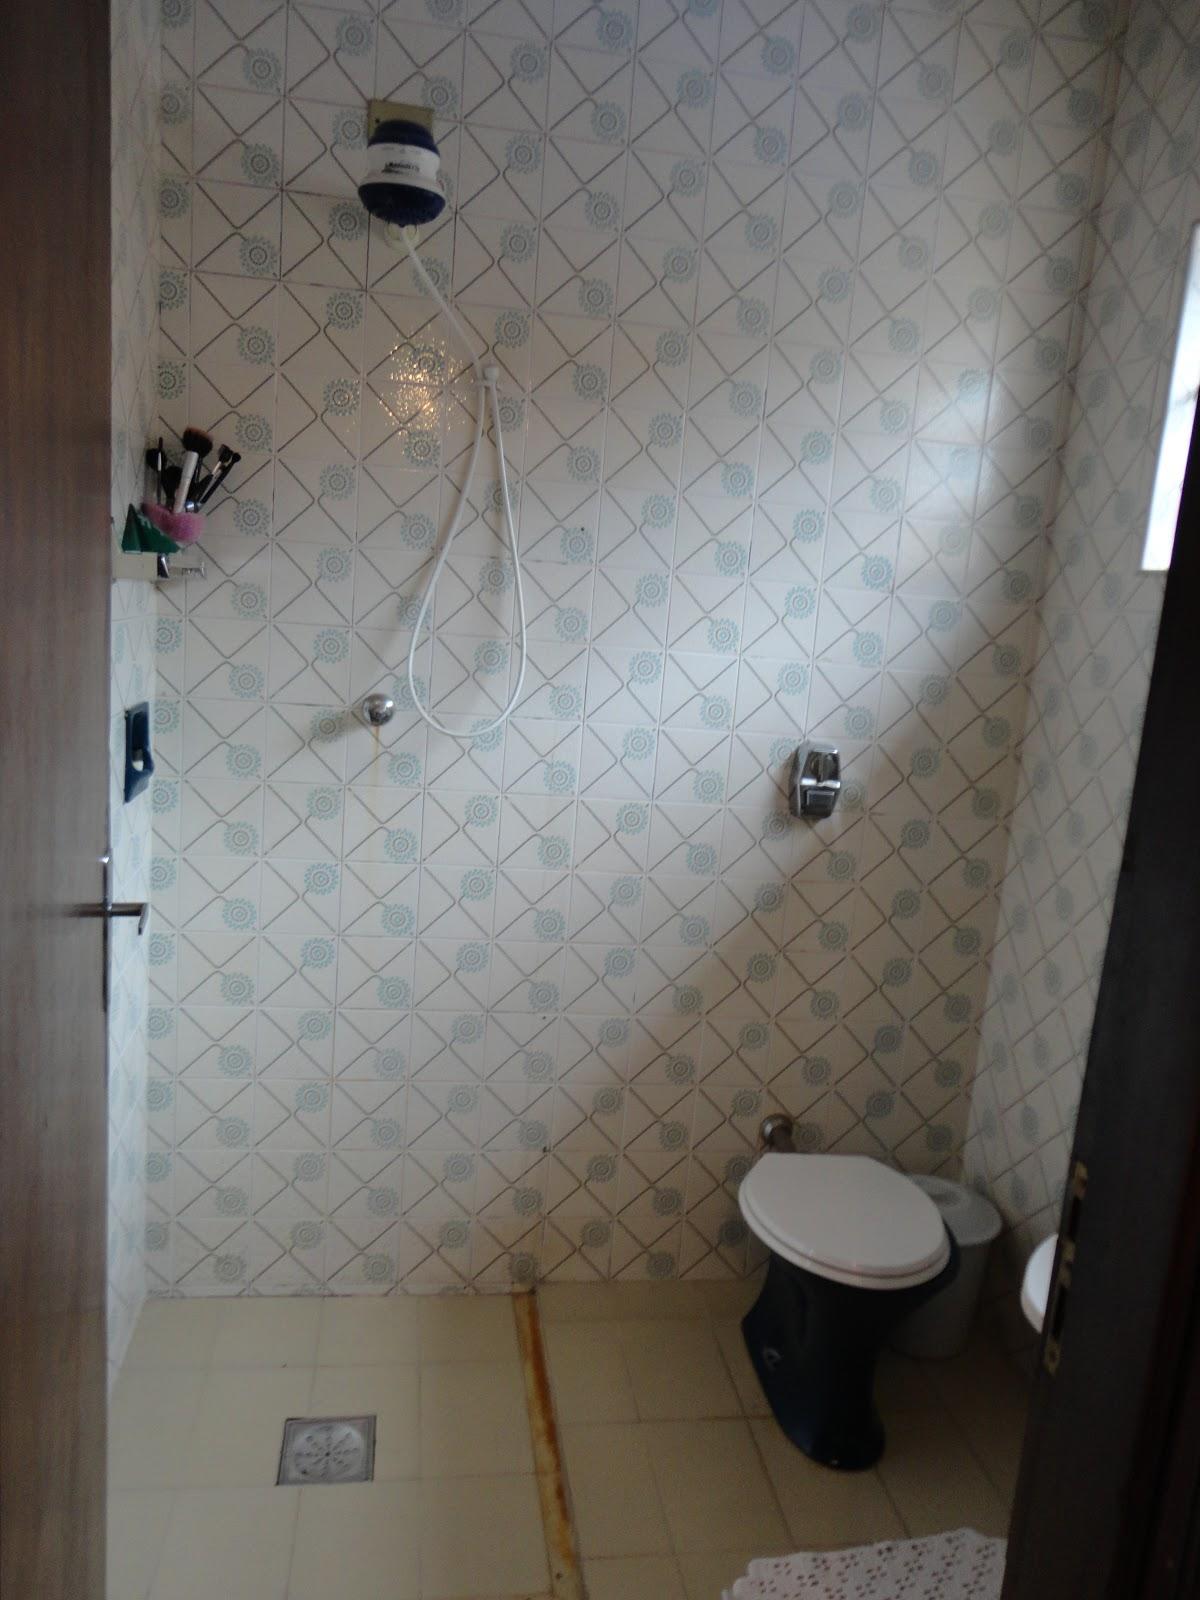 Imagens de #3E495B quinta feira 17 de janeiro de 2013 1200x1600 px 3250 Box Acrilico Para Banheiro Feira De Santana